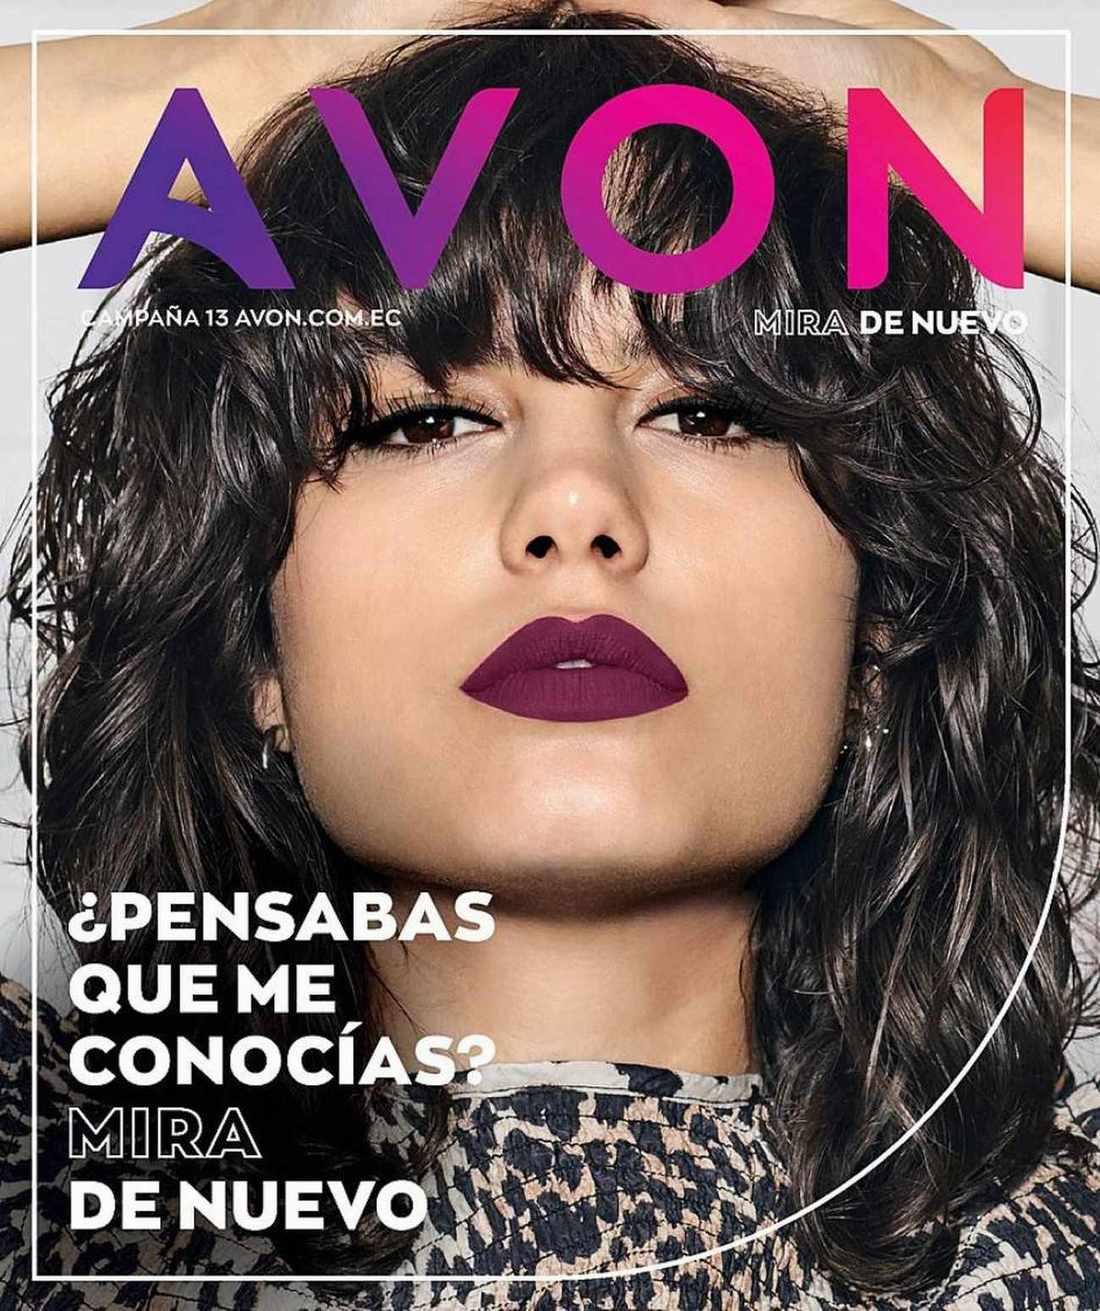 Catalogo Avon Campaña 13 2021 Ecuador